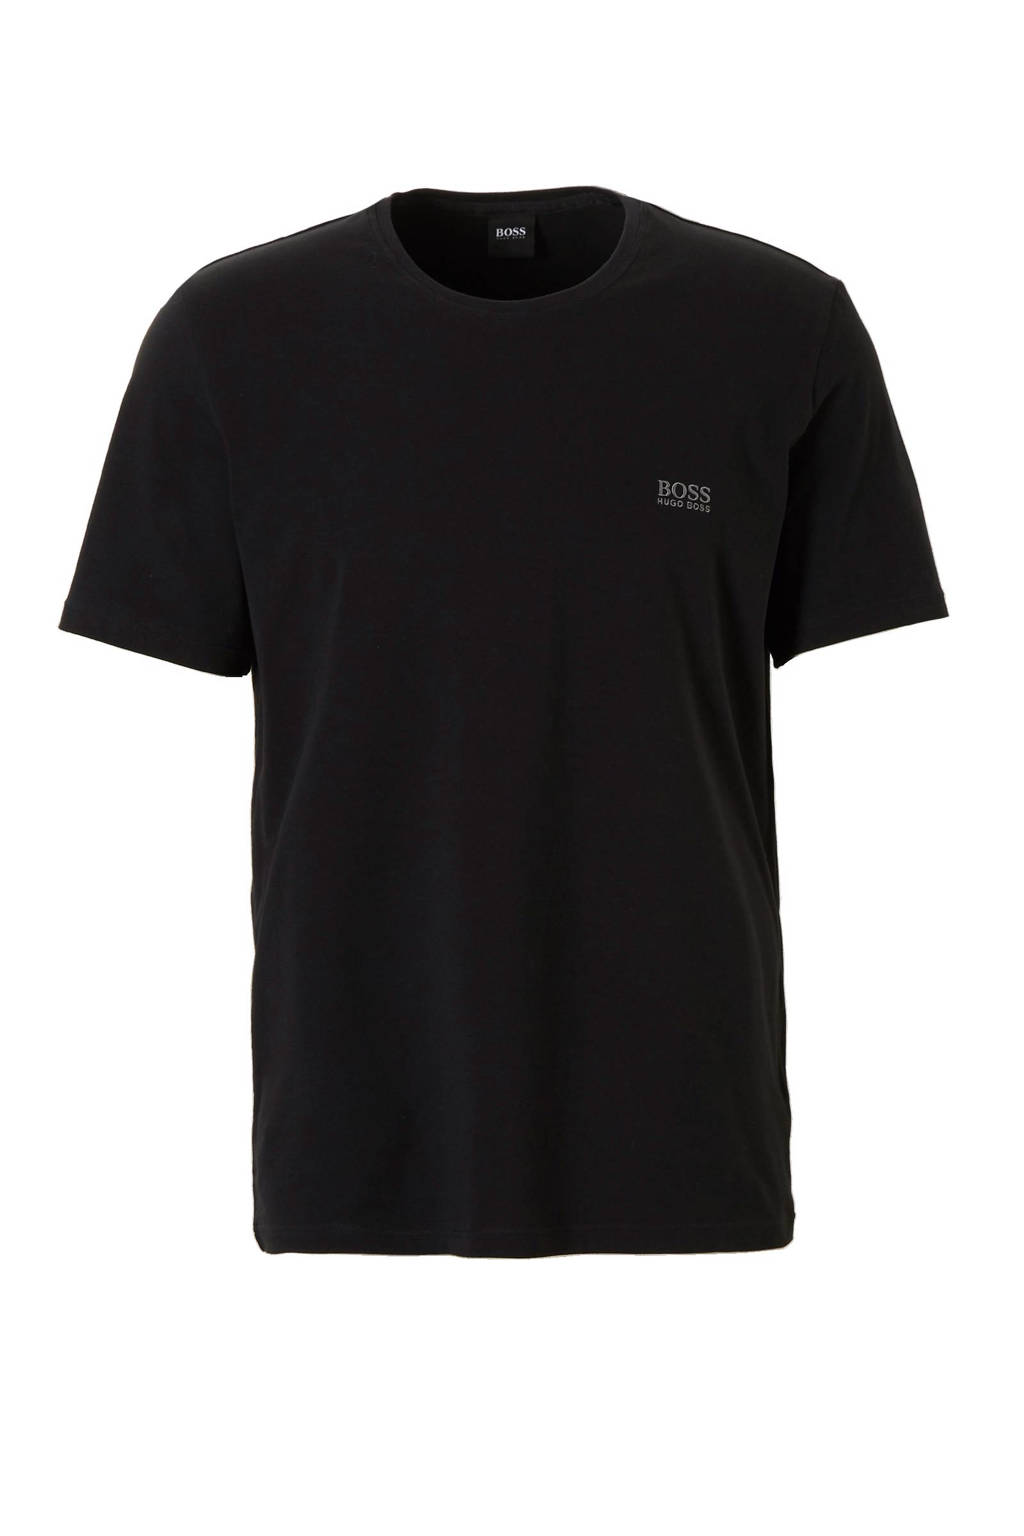 BOSS T-shirt, Zwart